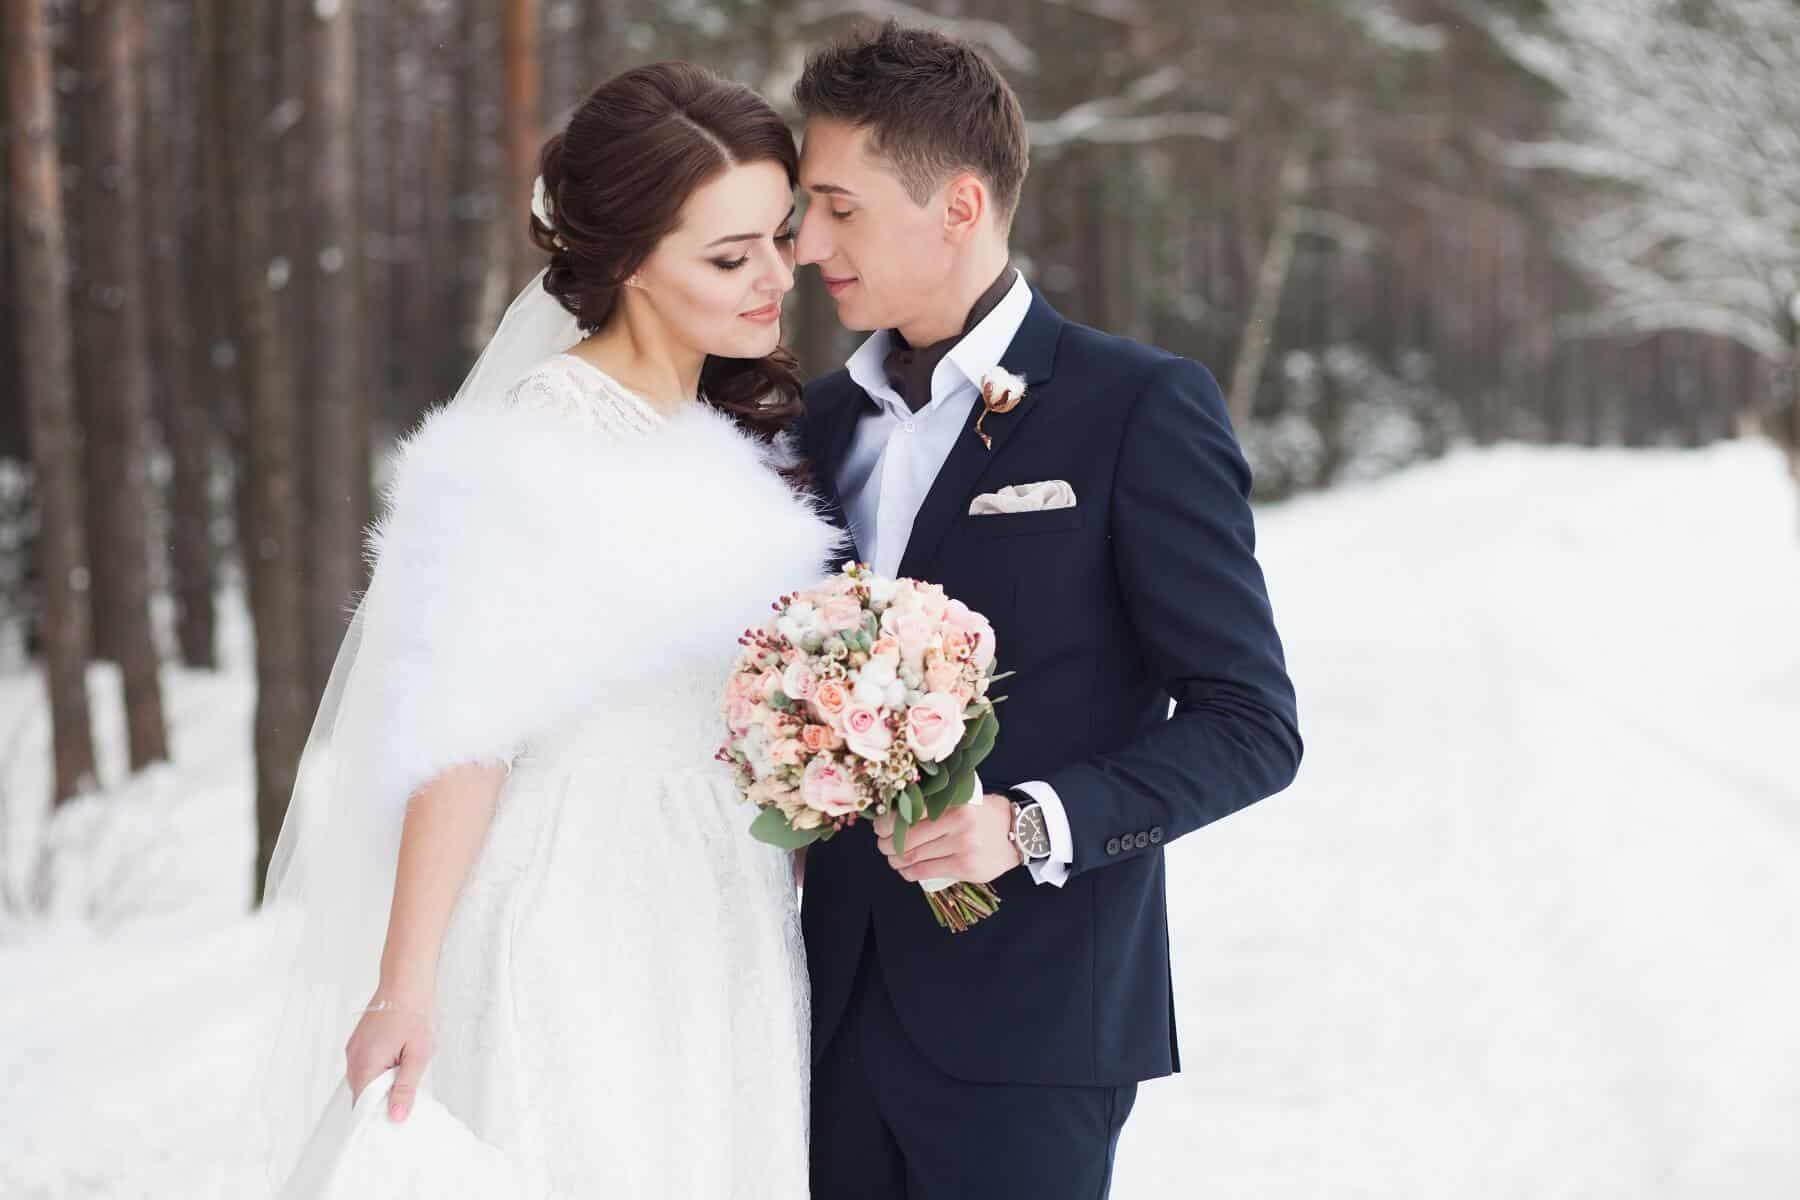 Novomanželé na horách v zimě